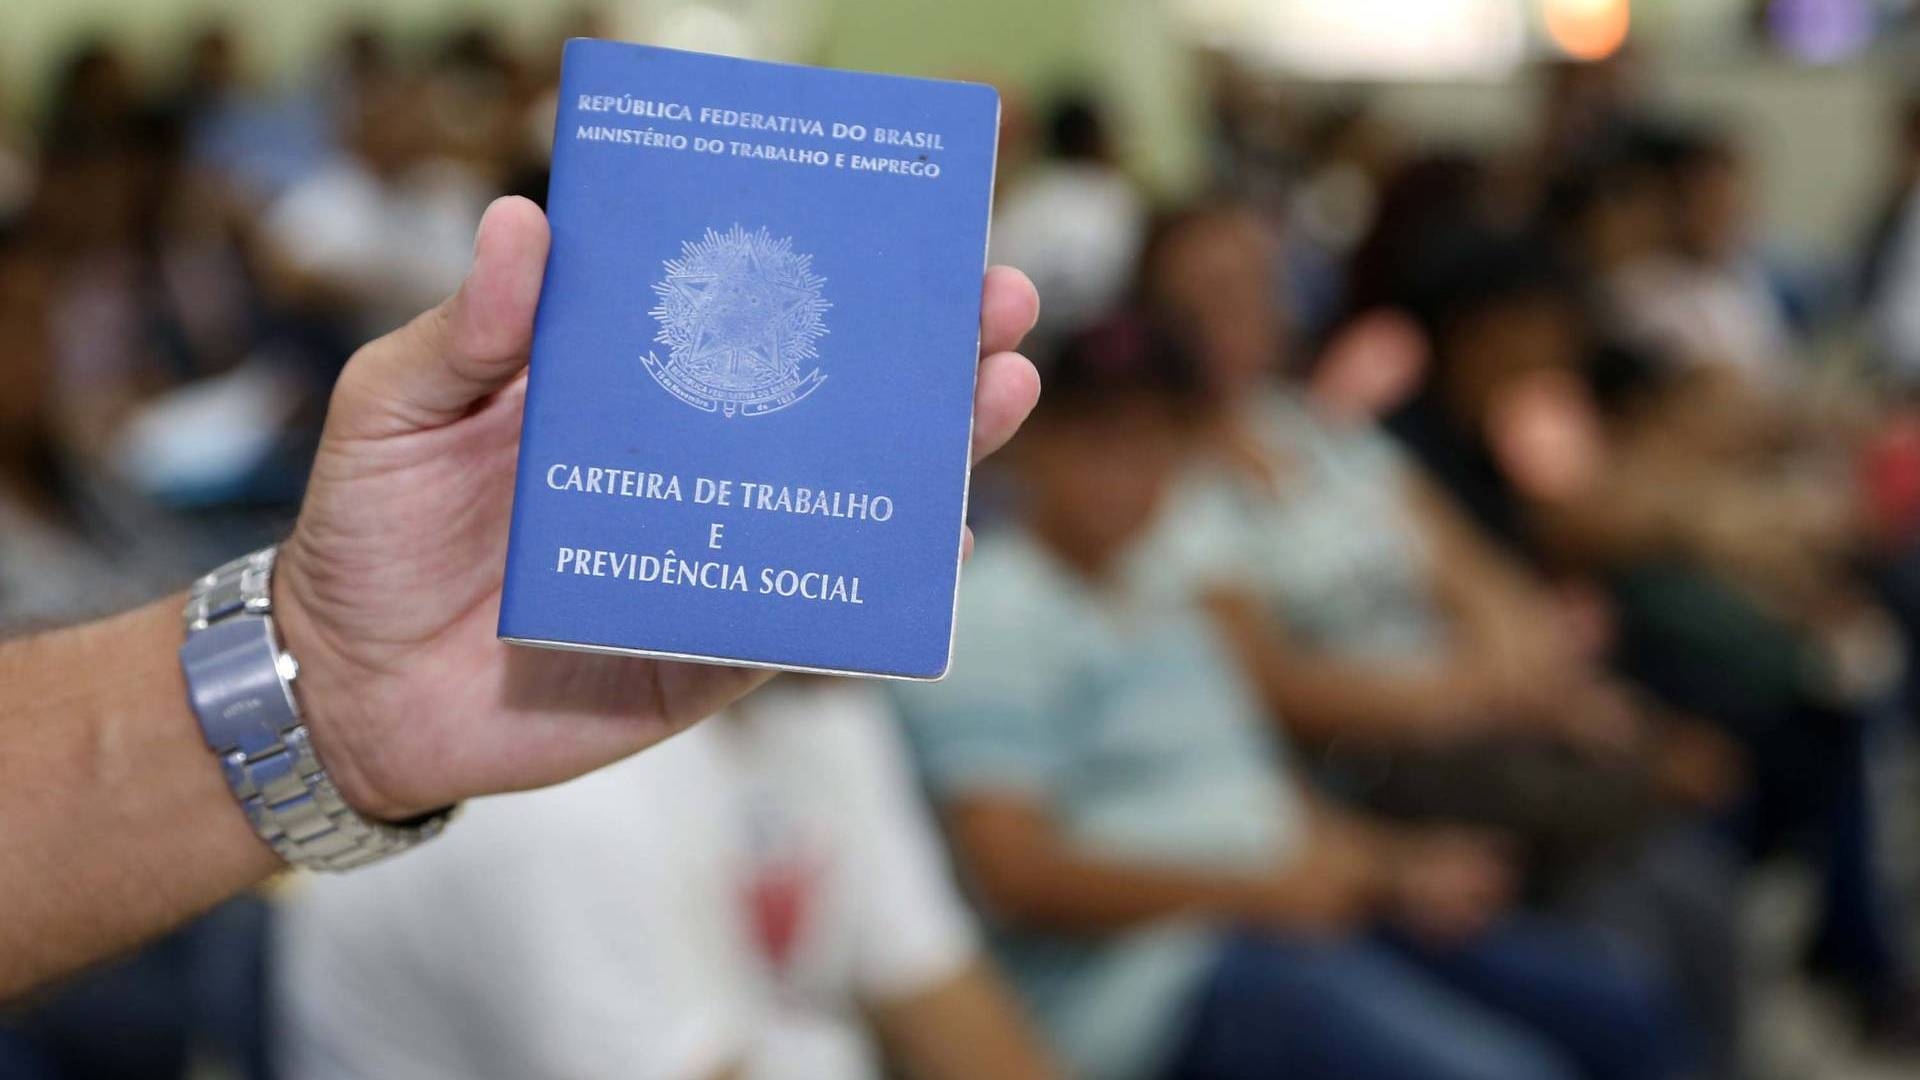 Parceria com agência francesa vai aprimorar tecnologia para atender trabalhadores no Paraná